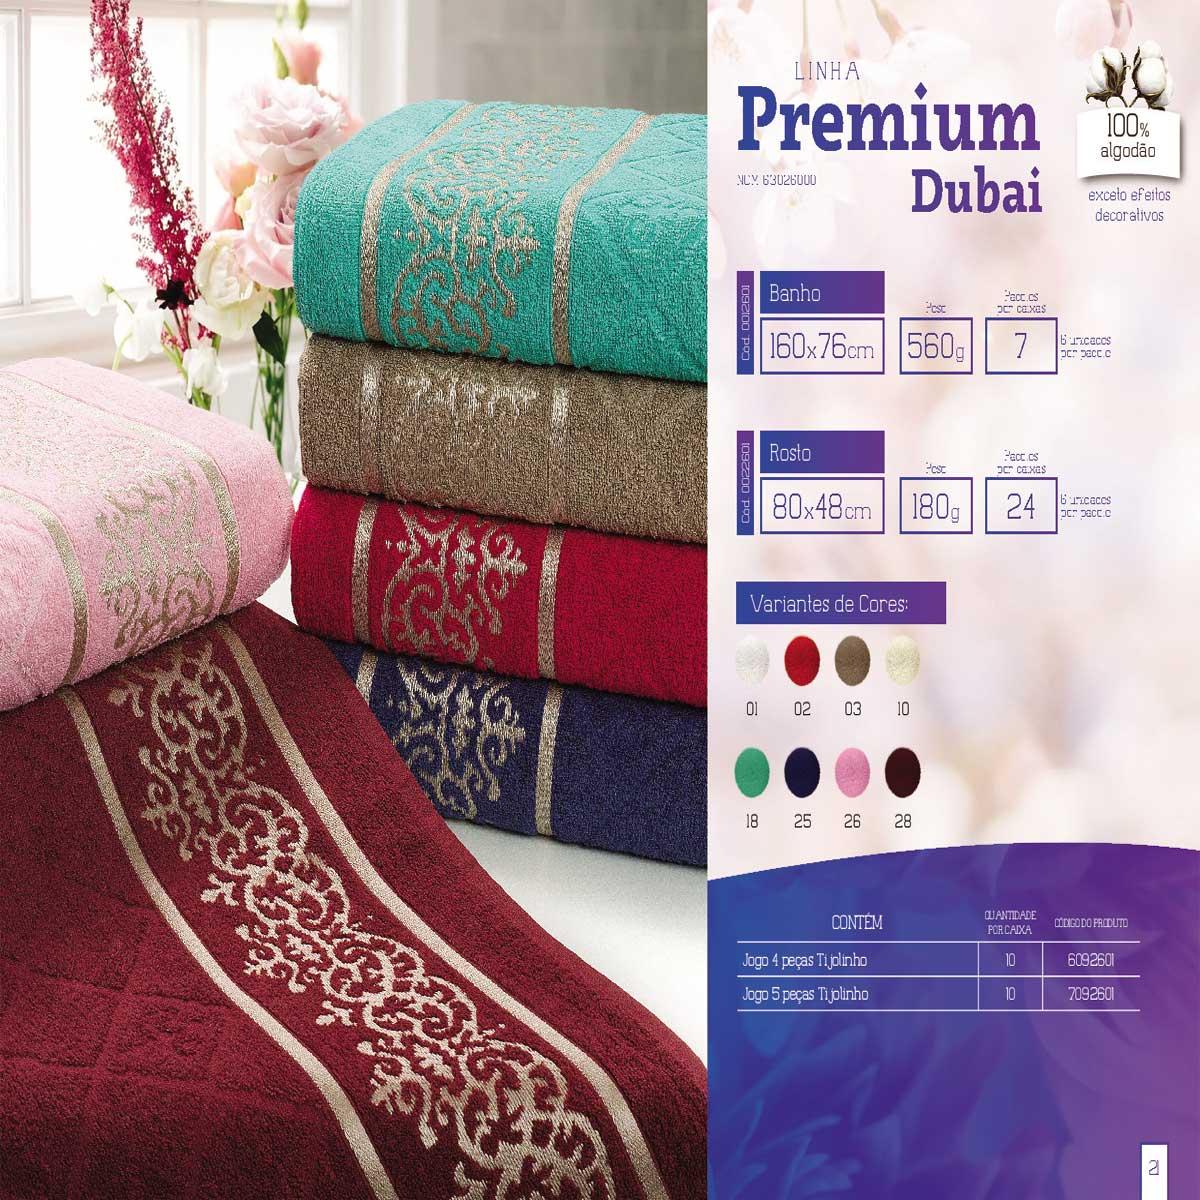 Toalha De Rosto Linha Premium Dubai Mafratex 100% Algodão 80Cm x 48Cm